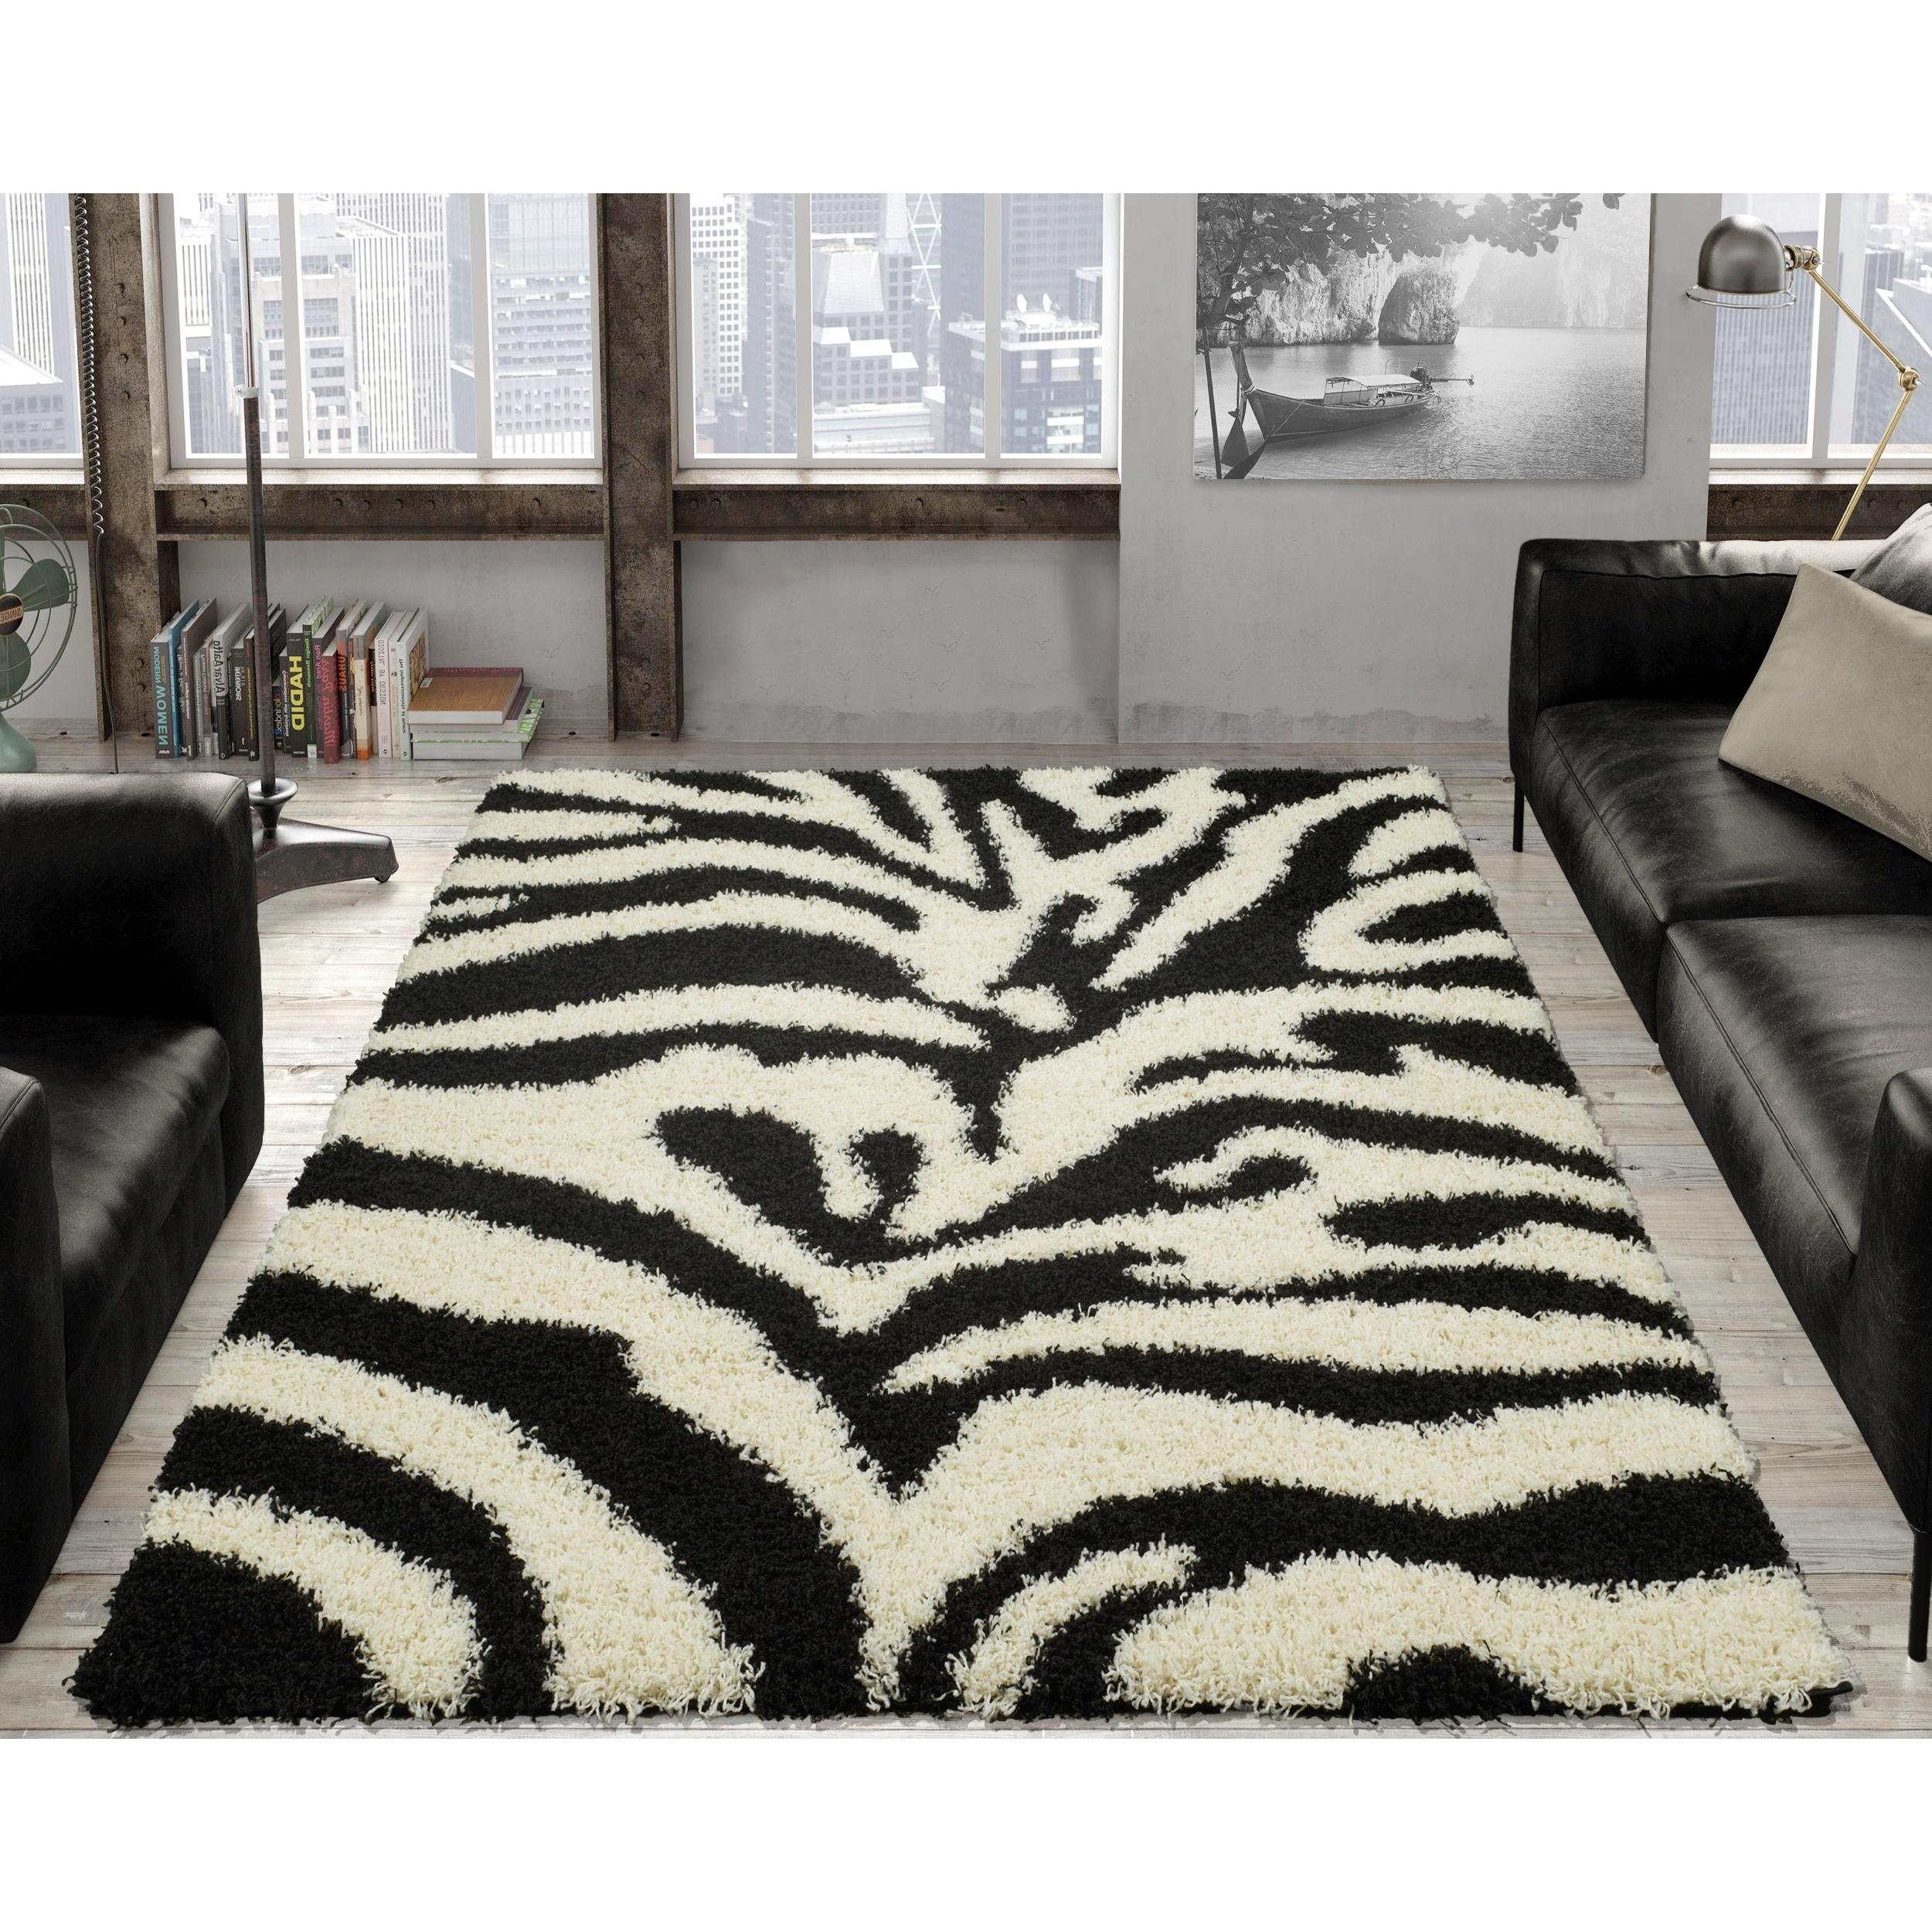 Ottomanson Soft Shag Black And White Zebra Print Area Rug 5 X 7